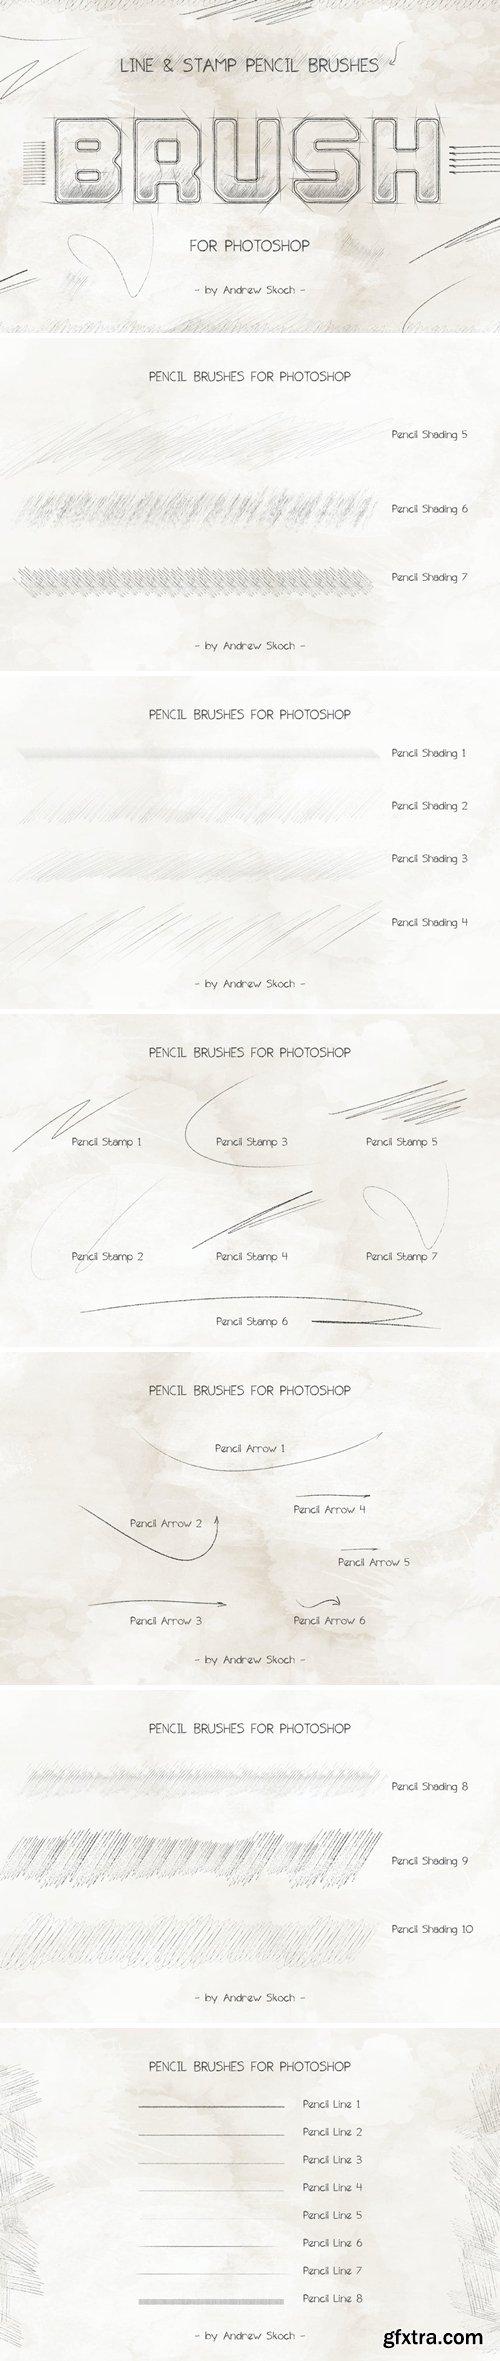 Pencil Brushes Photoshop